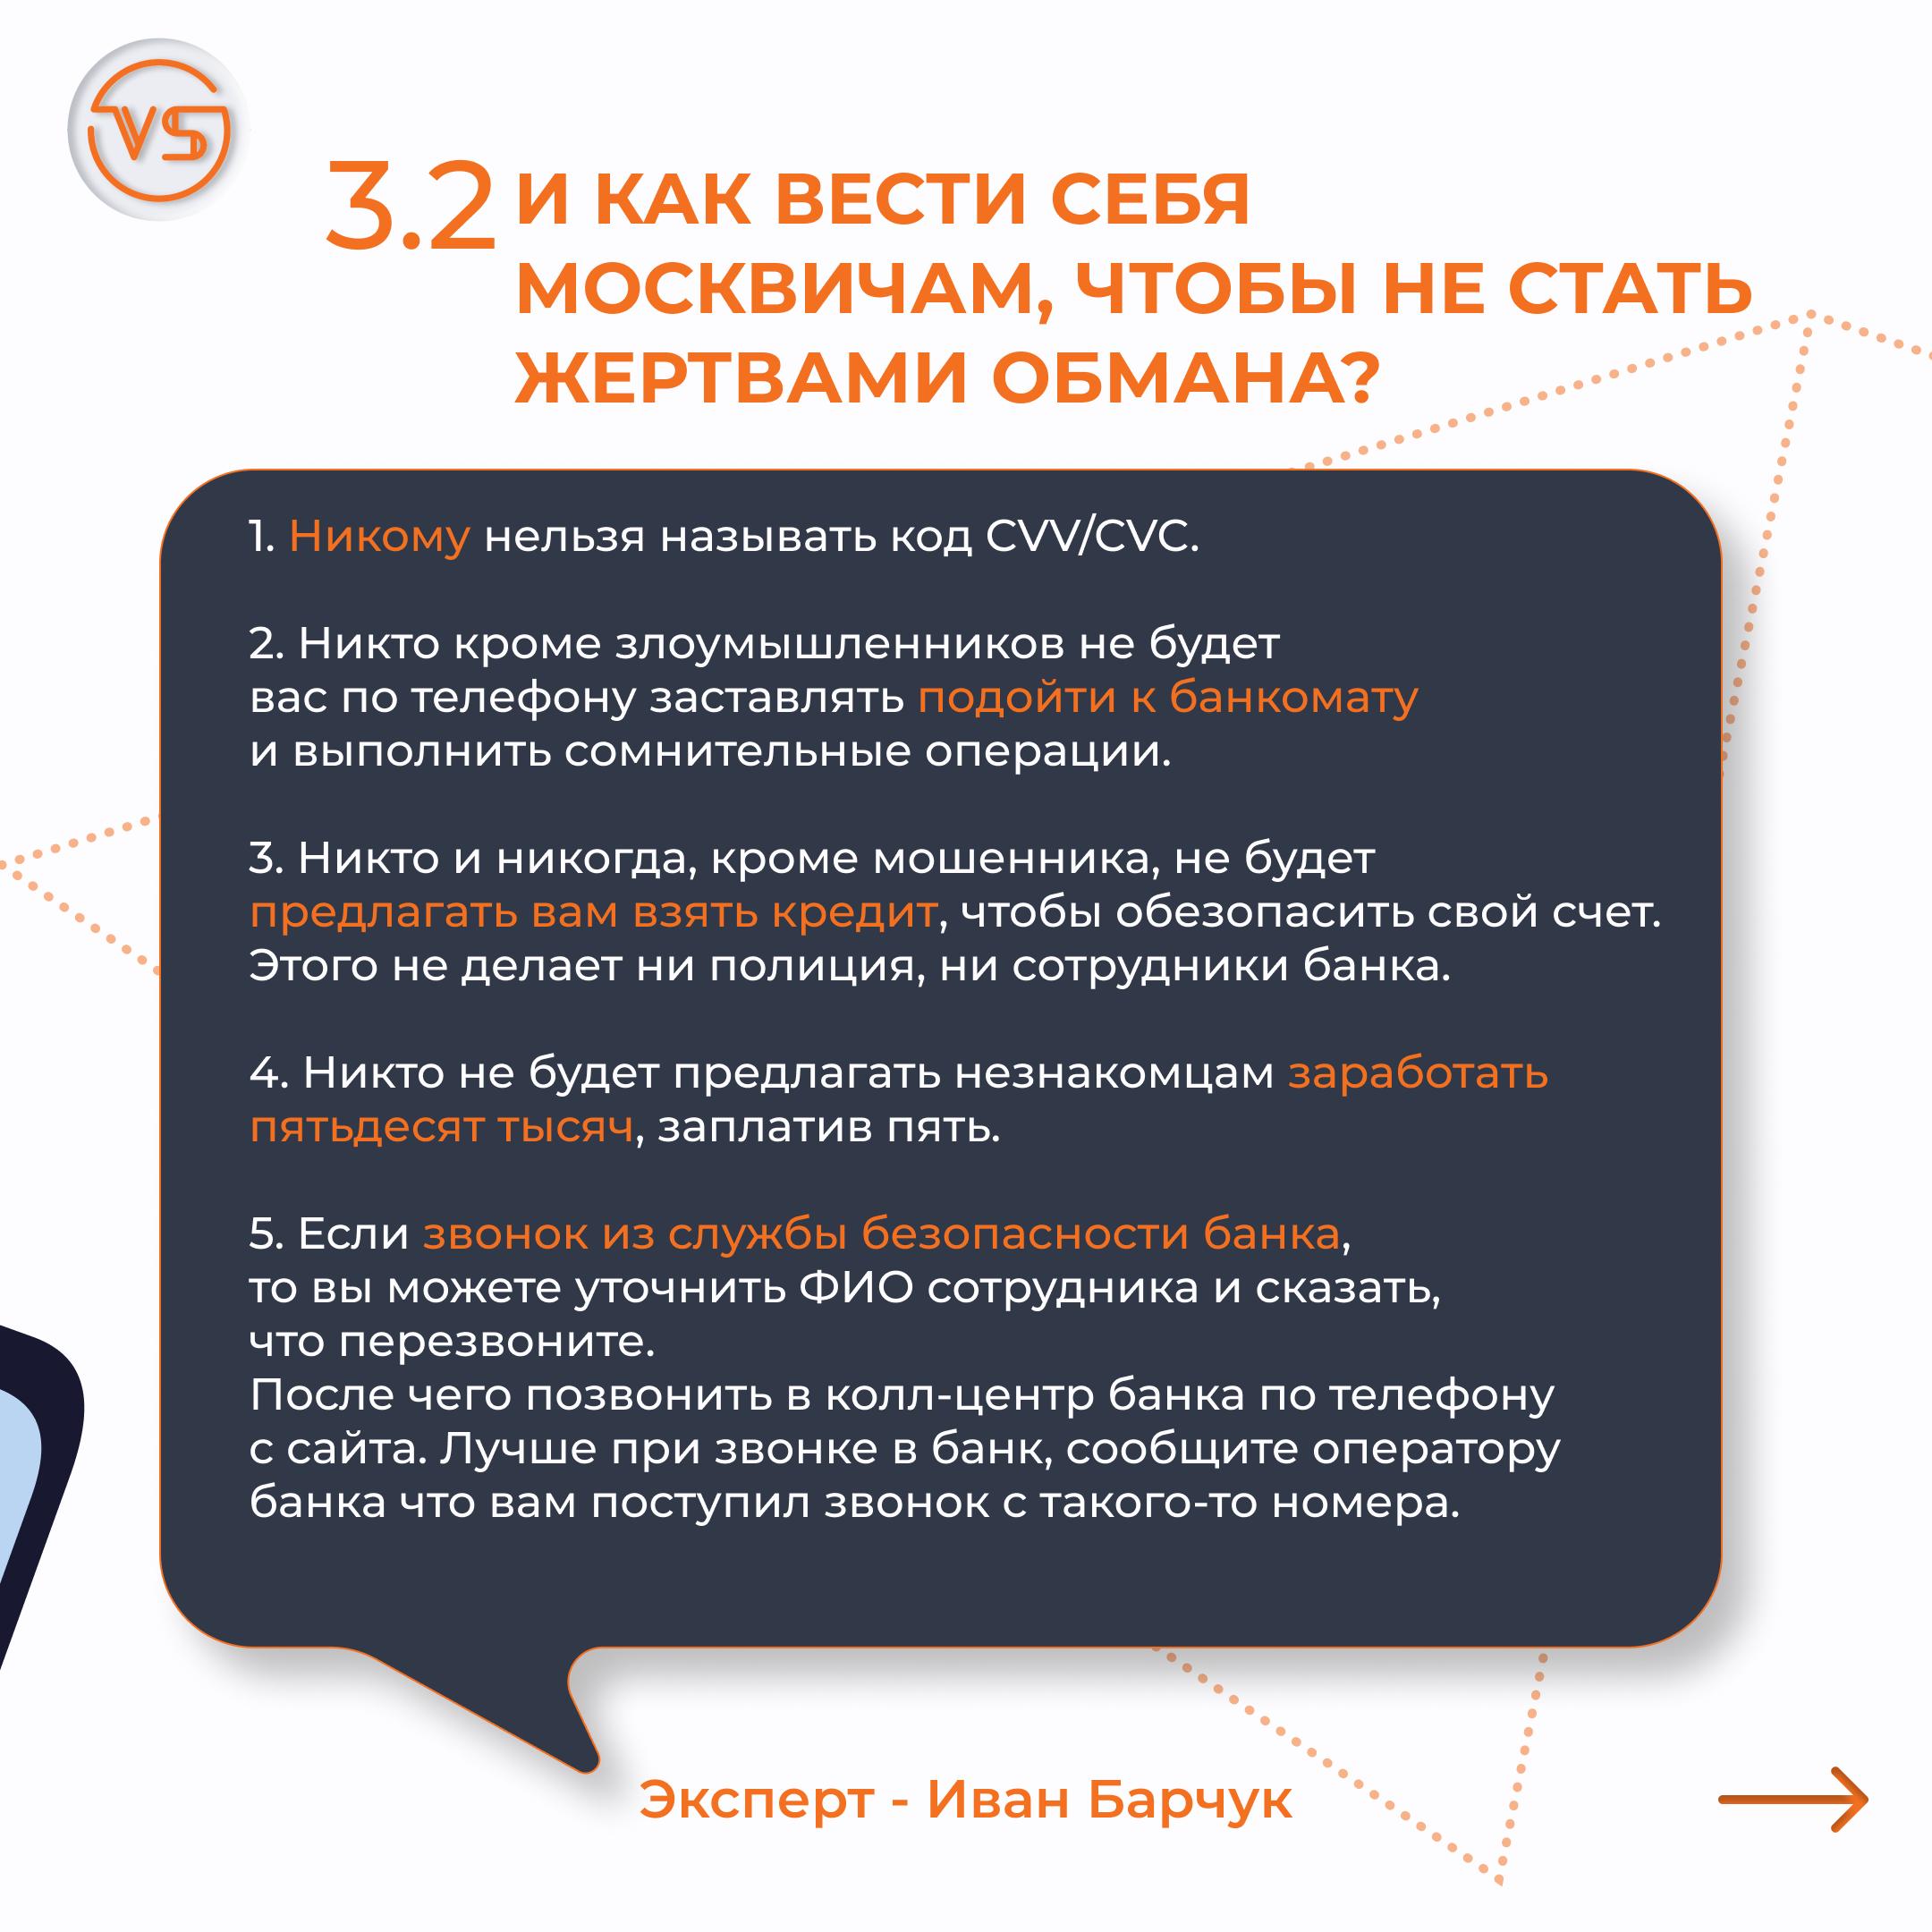 Как вести себя москвичам, чтобы не стать жертвами обмана?